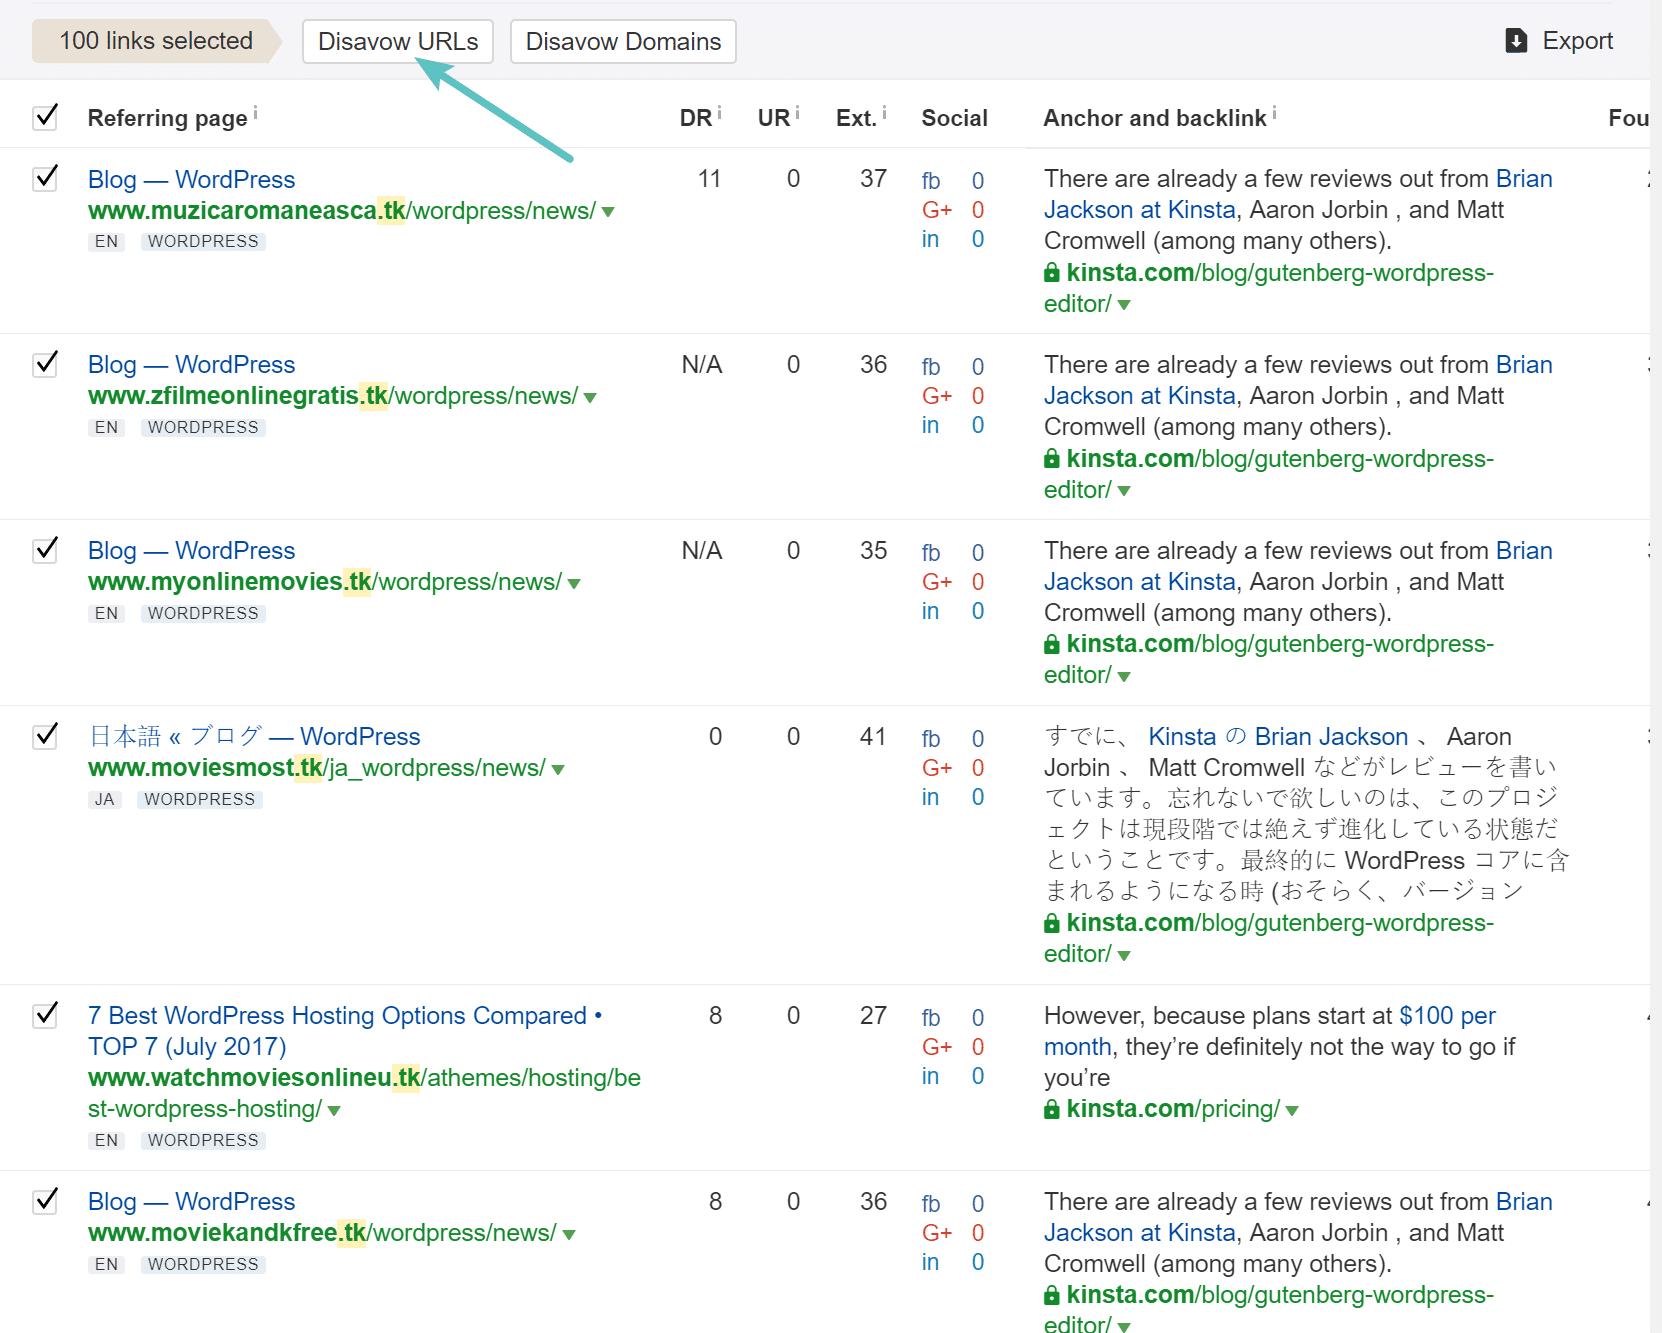 Ahrefs disavow URLs